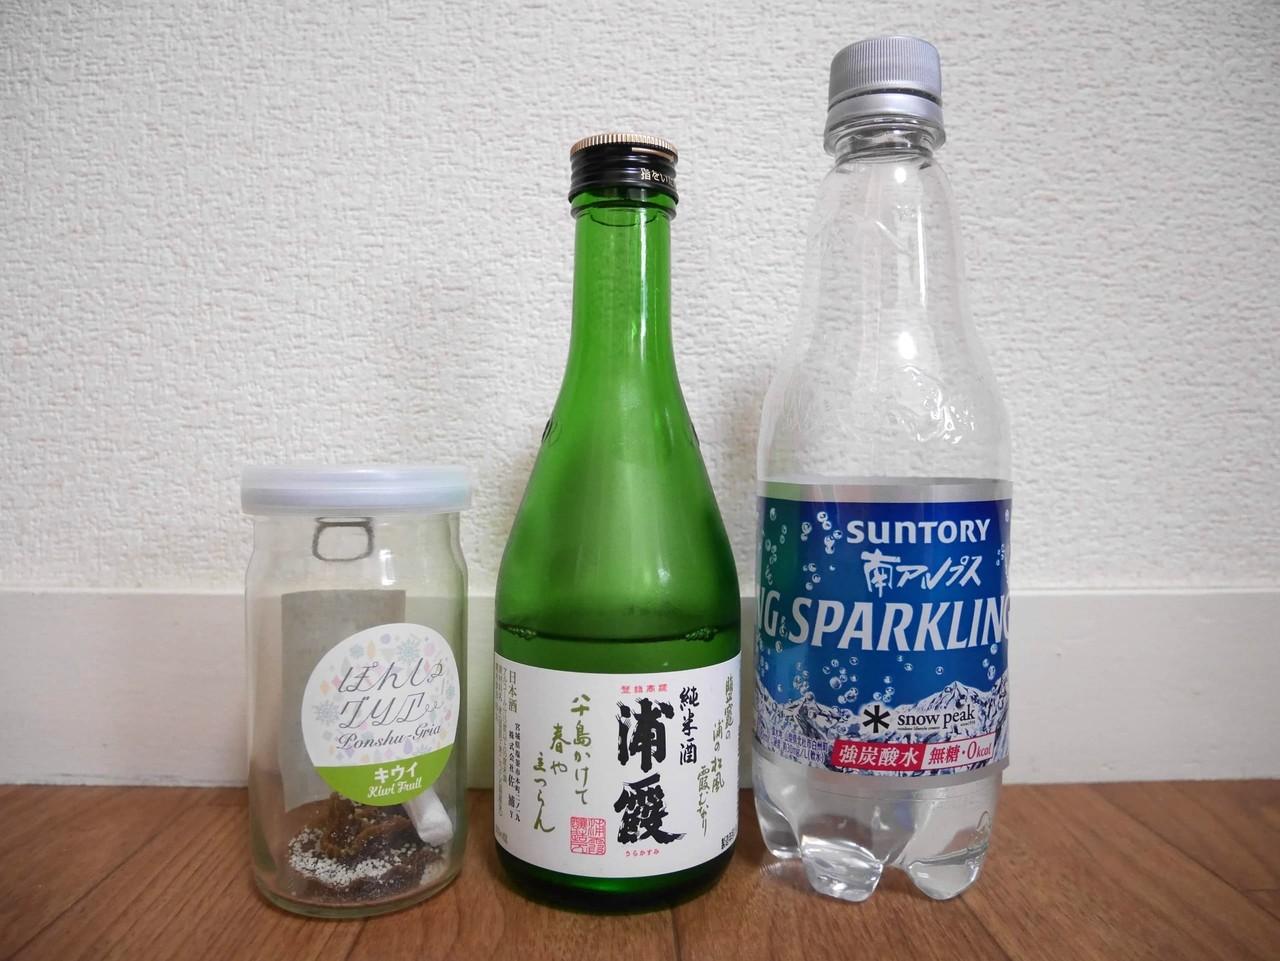 日本酒カクテルの素・ぽんしゅグリアと日本酒と炭酸水